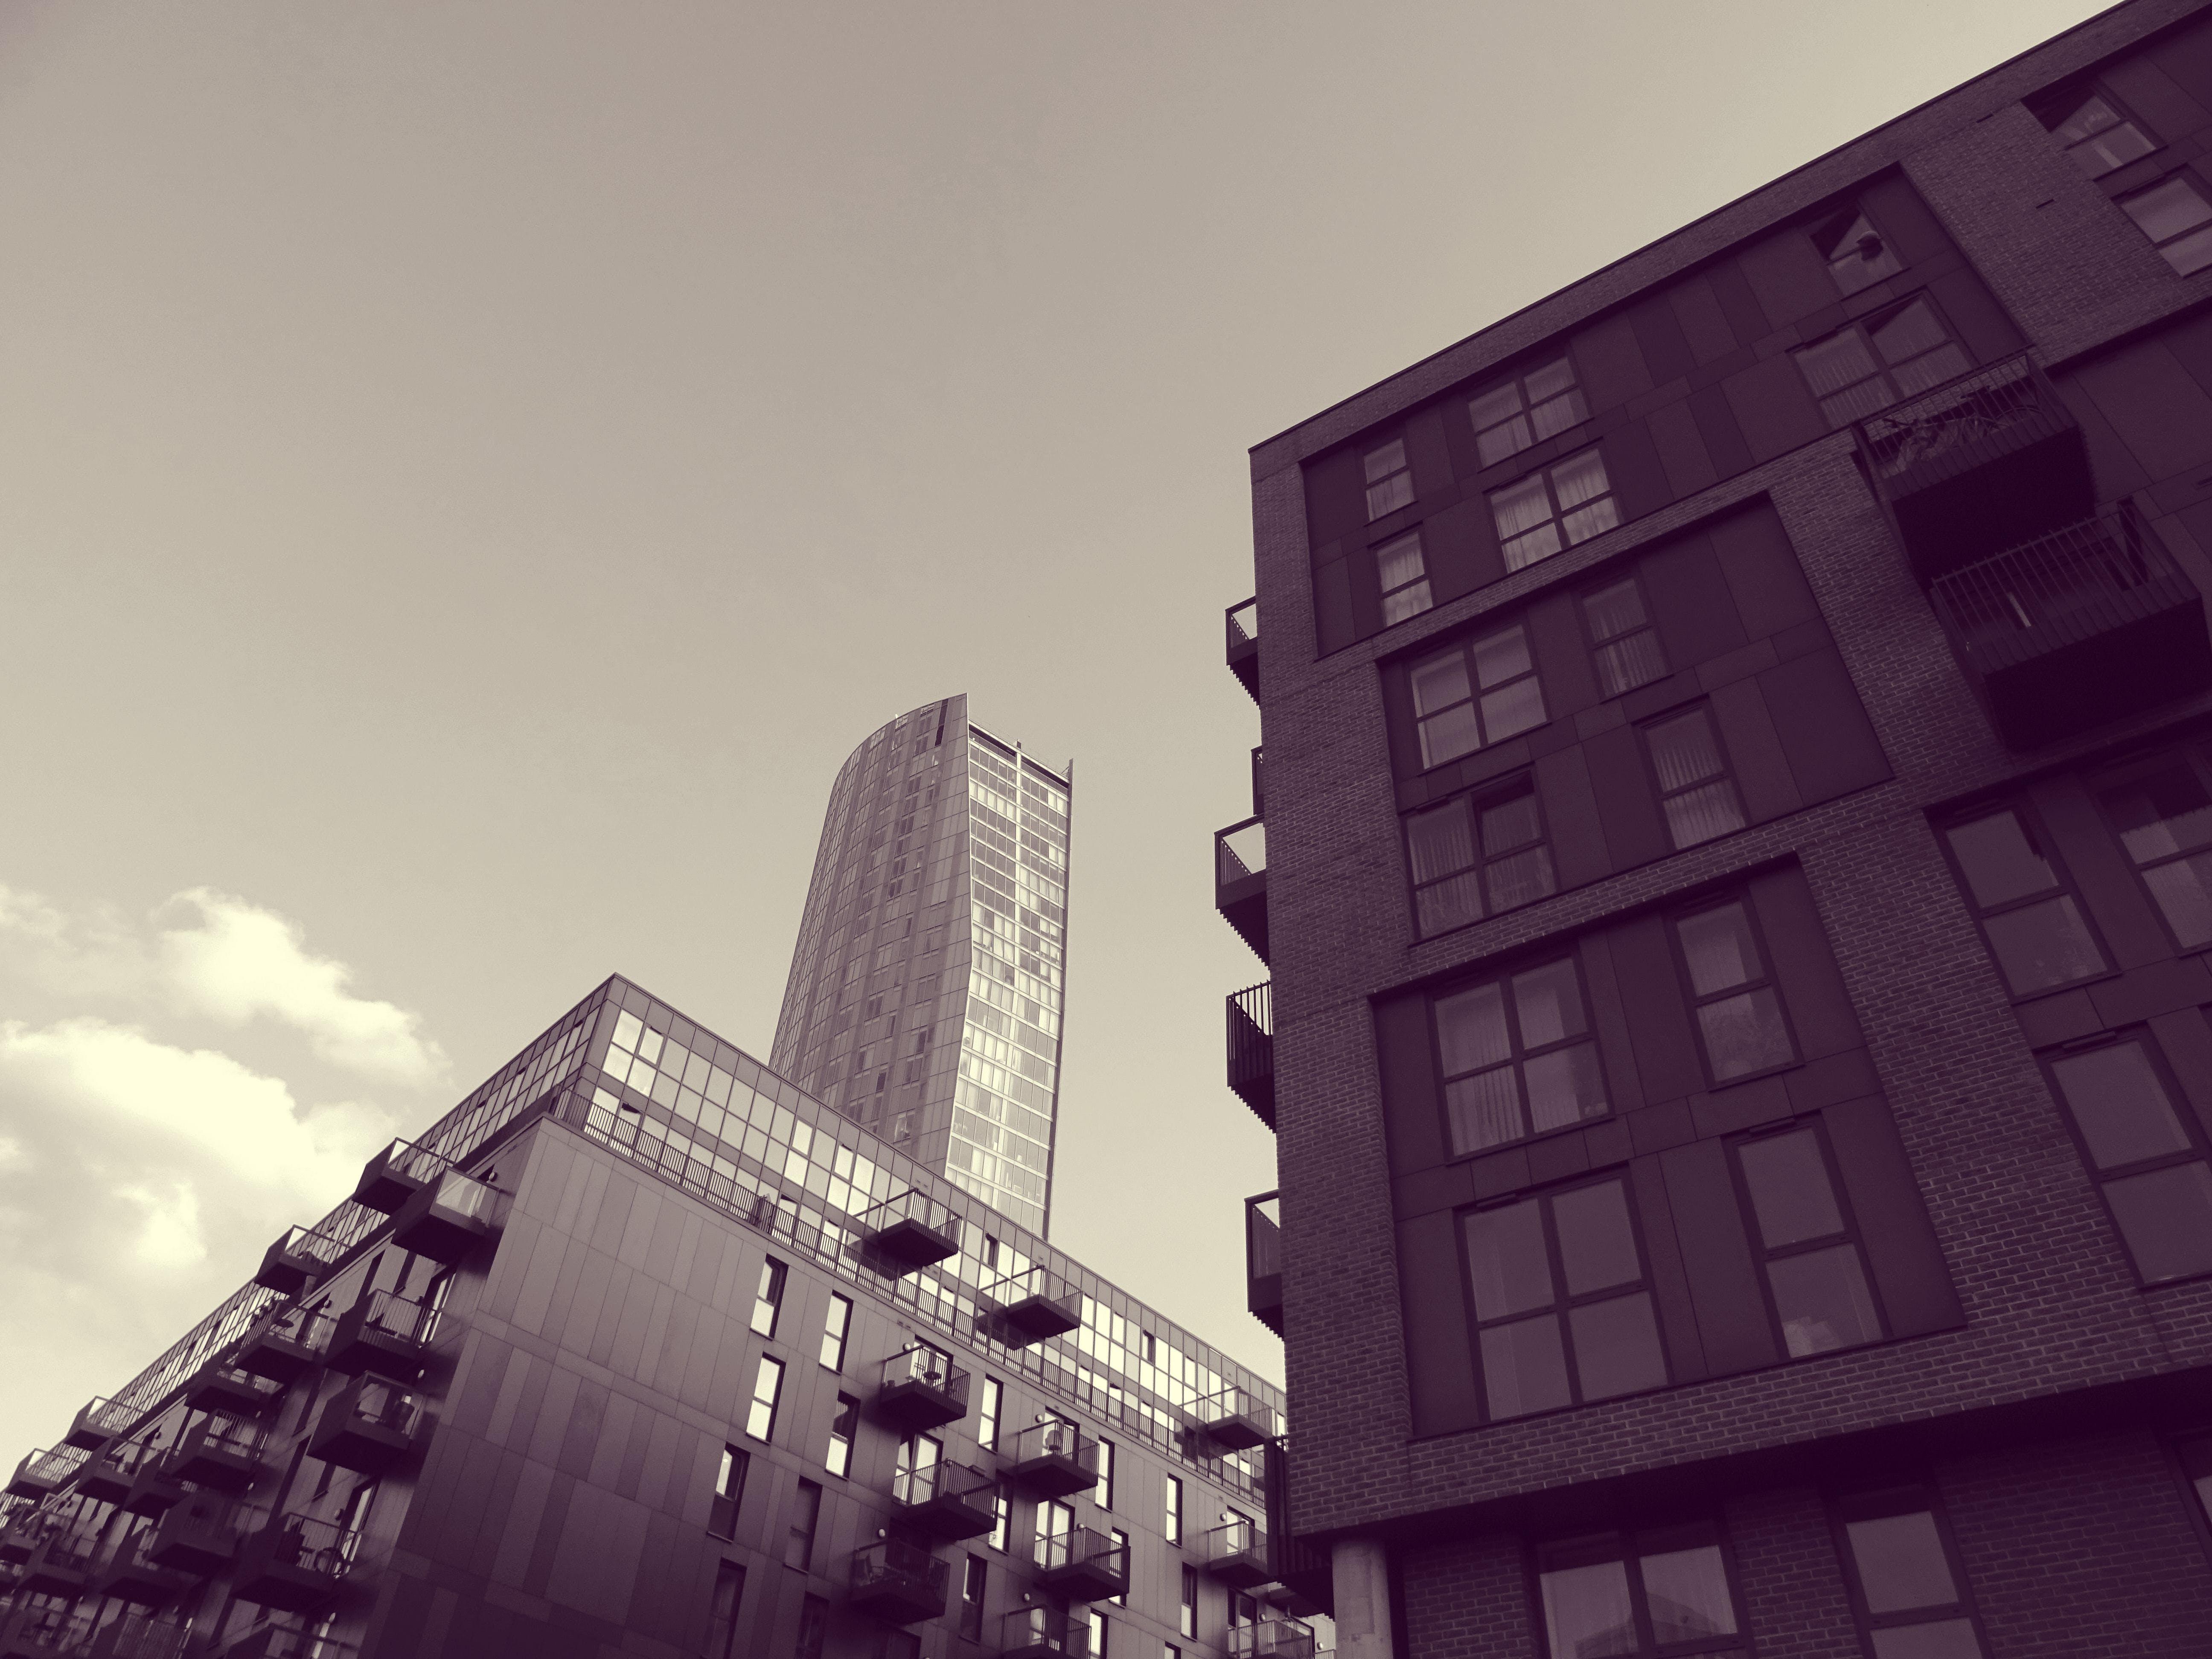 Kostenloses Stock Foto zu architektur, fenster, gebäude, glas